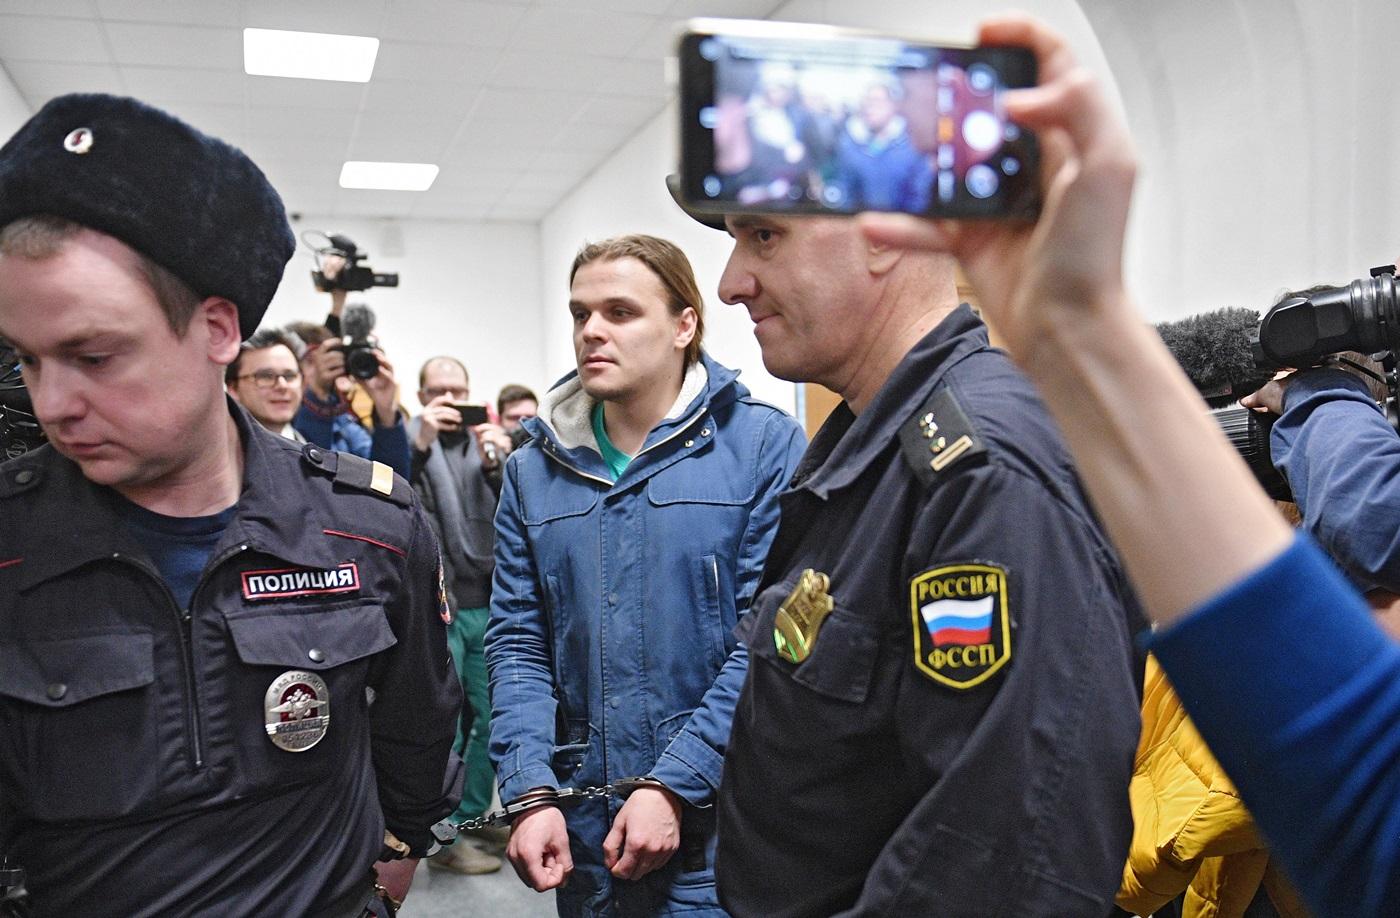 Фигуранты «московского дела» о«массовых беспорядках» инасилии вотношении представителя власти